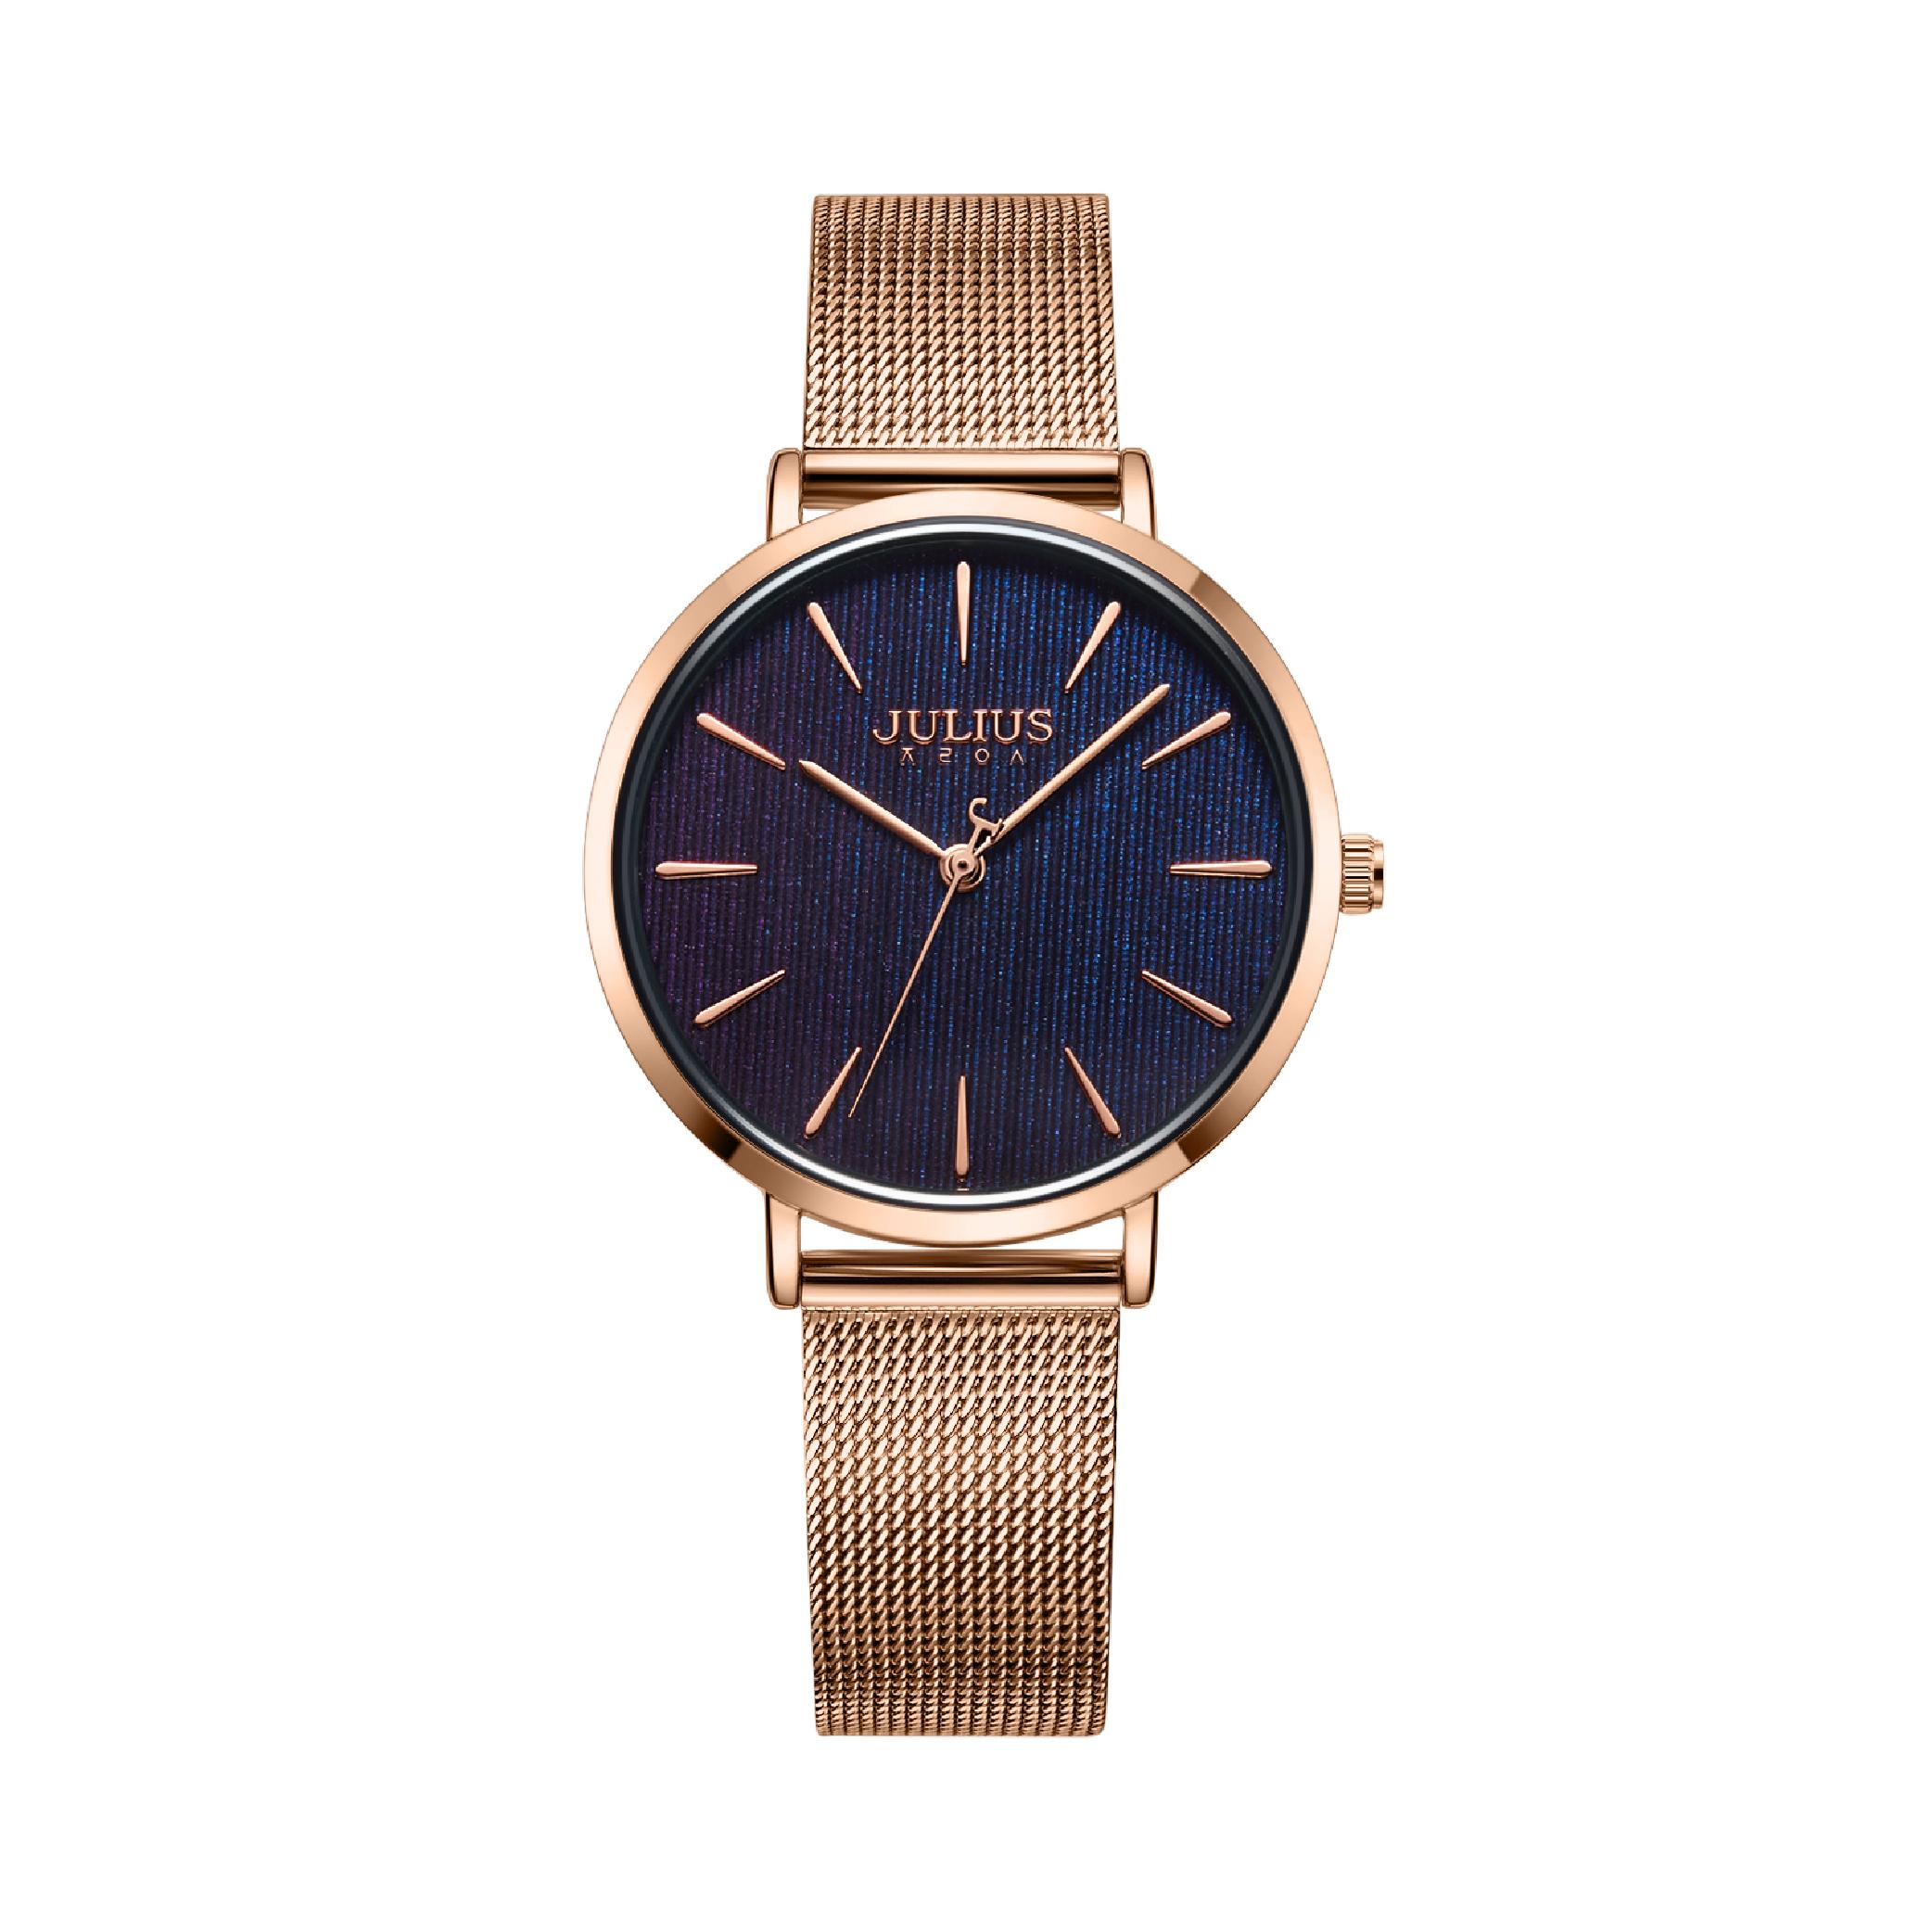 JULIUS นาฬิกาข้อมือผู้หญิง รุ่น JA-1198D